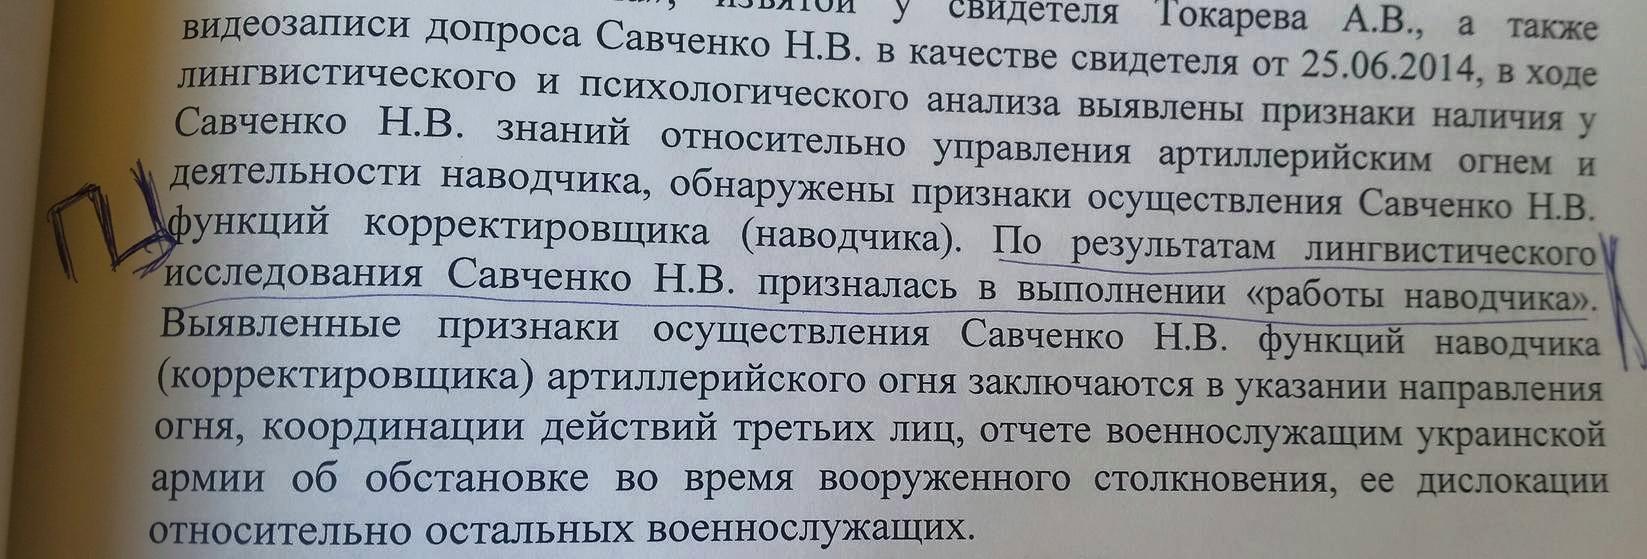 Слідчі стверджують, що філологи довели провину Савченко, – адвокат - фото 1